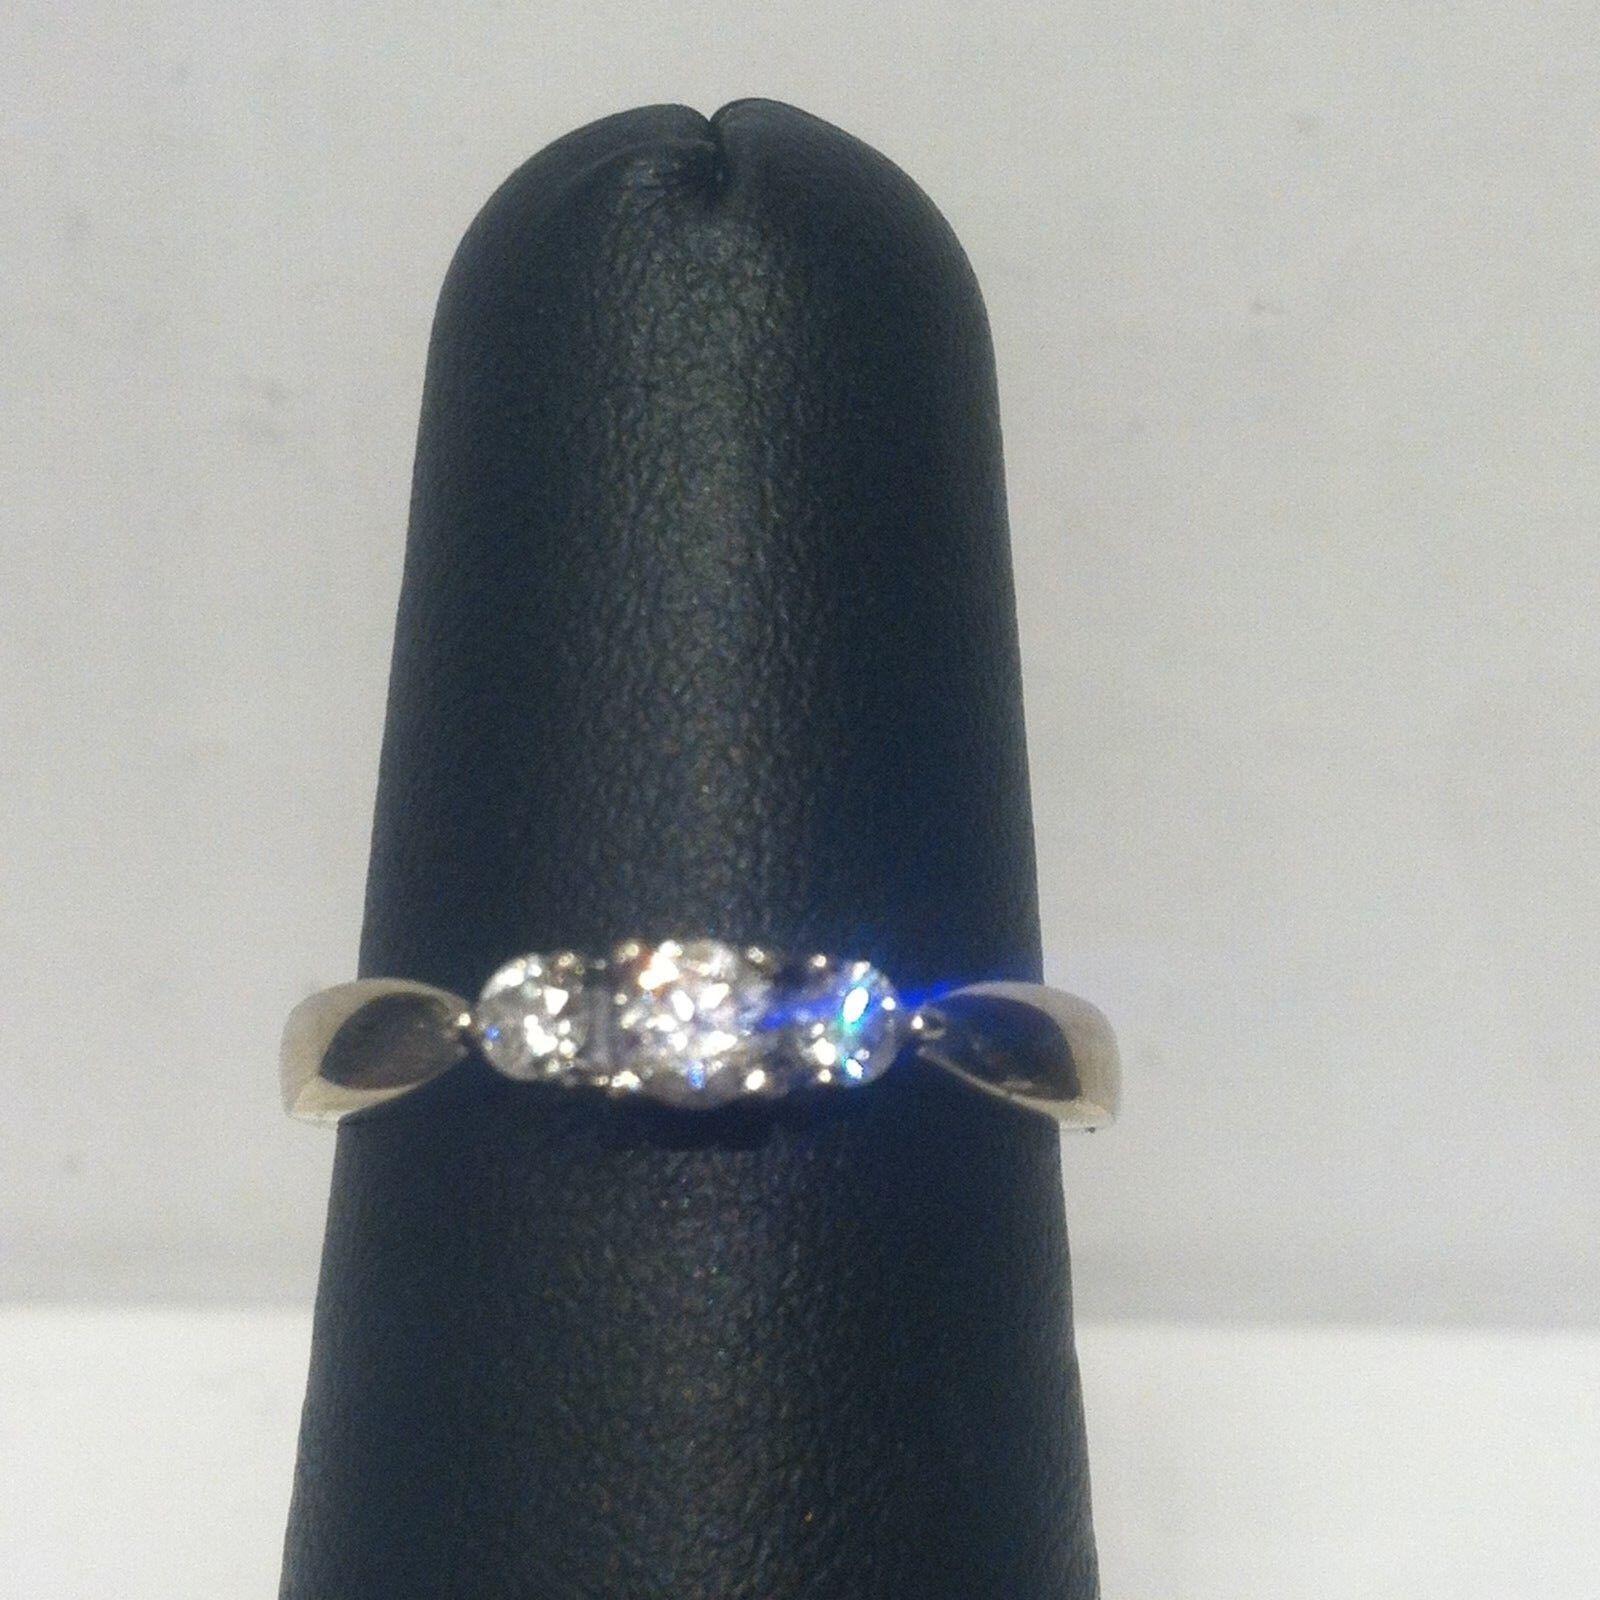 (RI1) 14k White gold Three-Stone Diamond Ring .29 TCW 2.9 Grams 5.75 Size